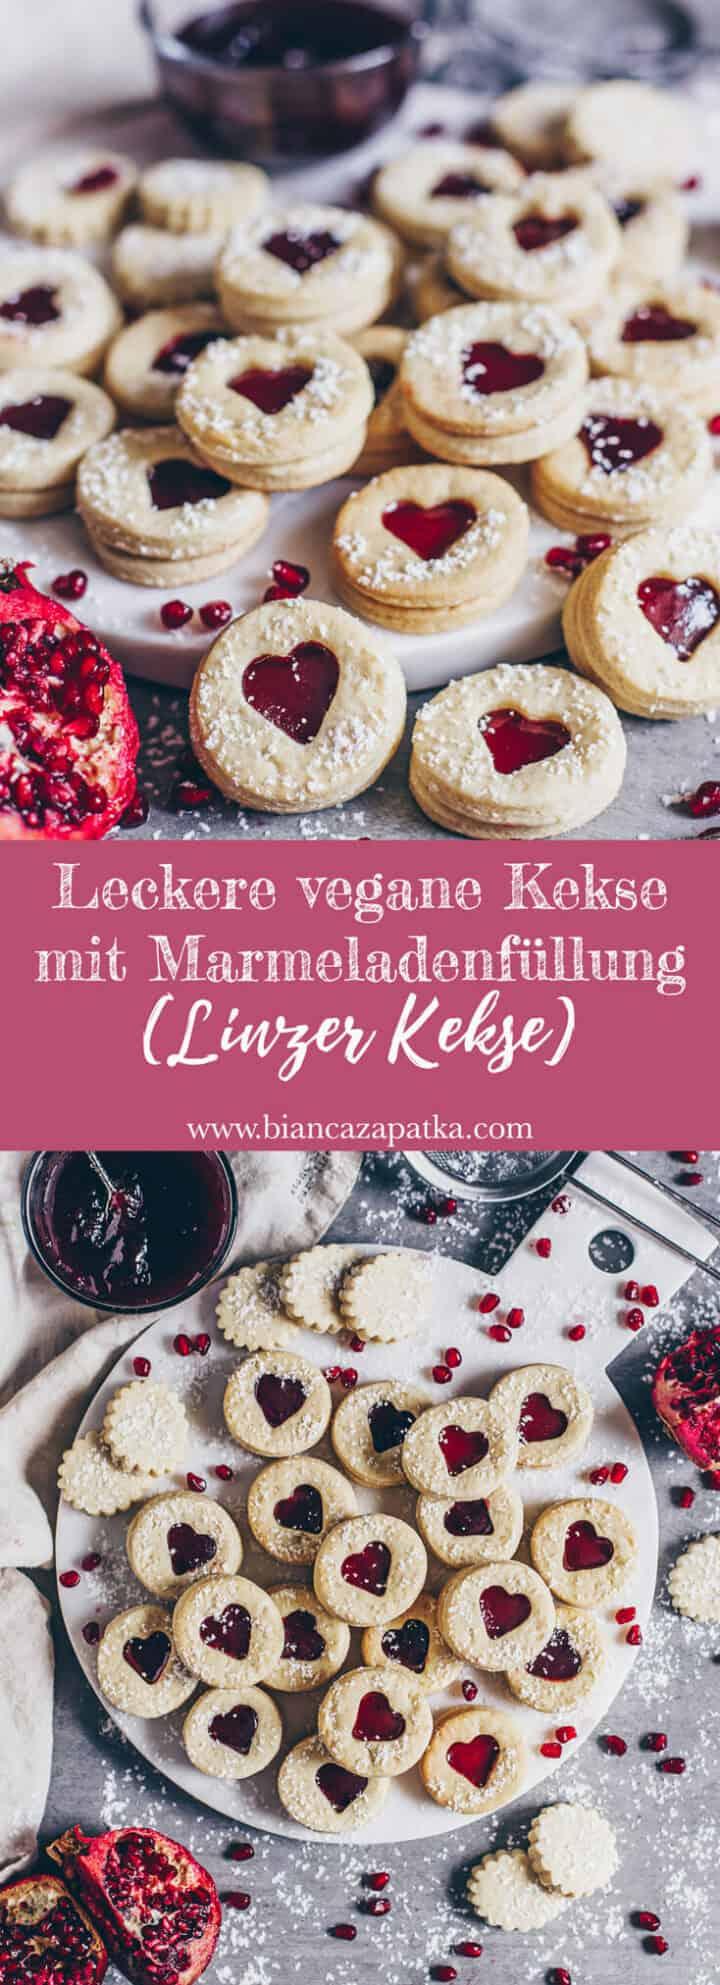 Leckere vegane Kekse, Linzer Kekse, Spitzbuben Plätzchen mit Marmelade, perfekt zum Valentinstag, Muttertag, Weihnachten, einfaches Rezept